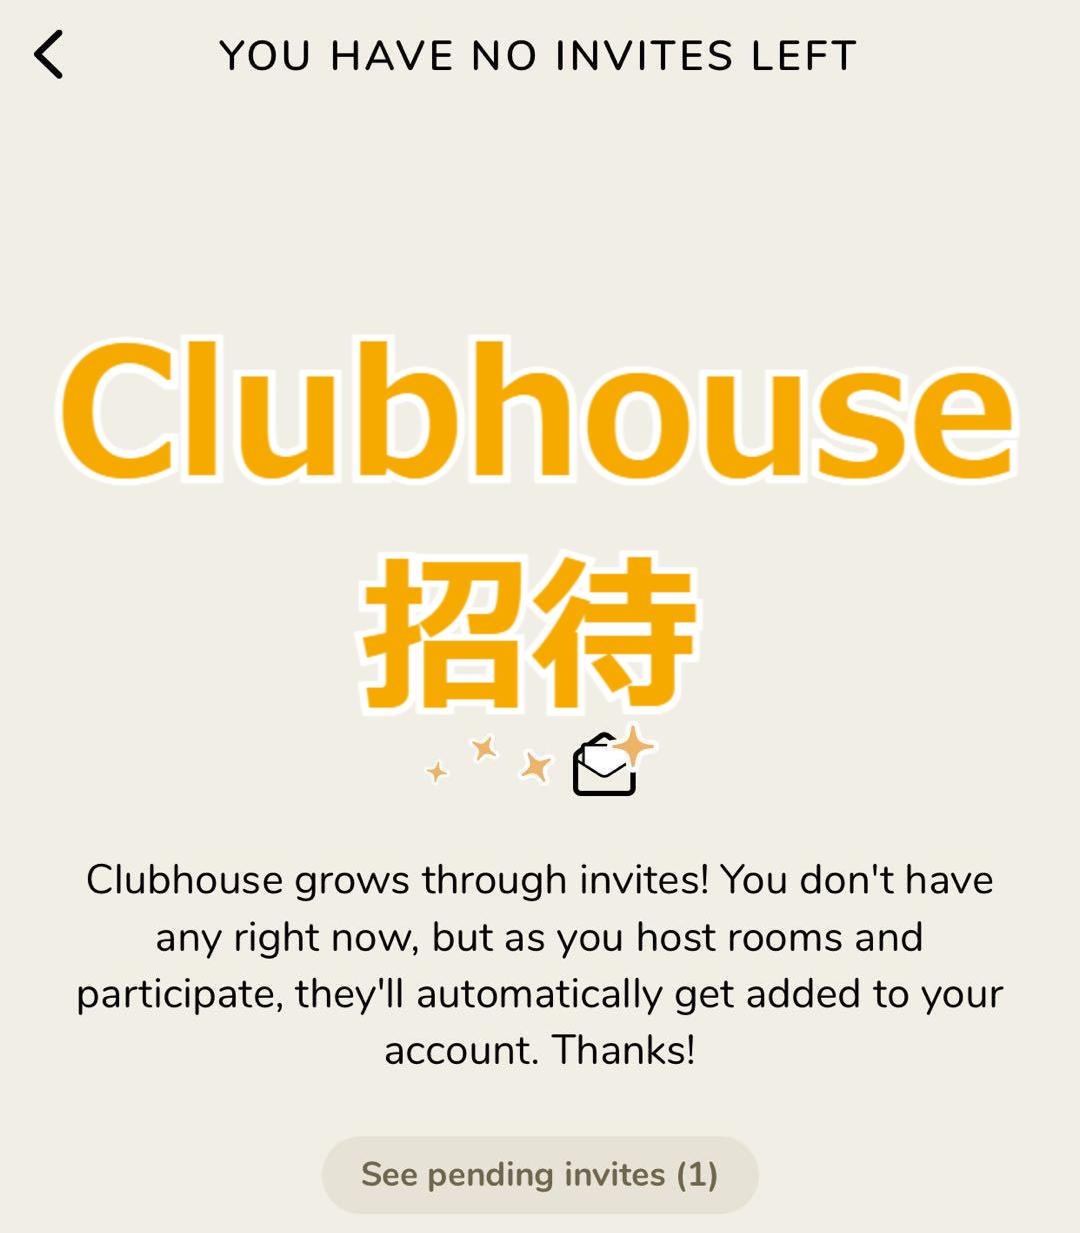 できない クラブ ハウス 招待